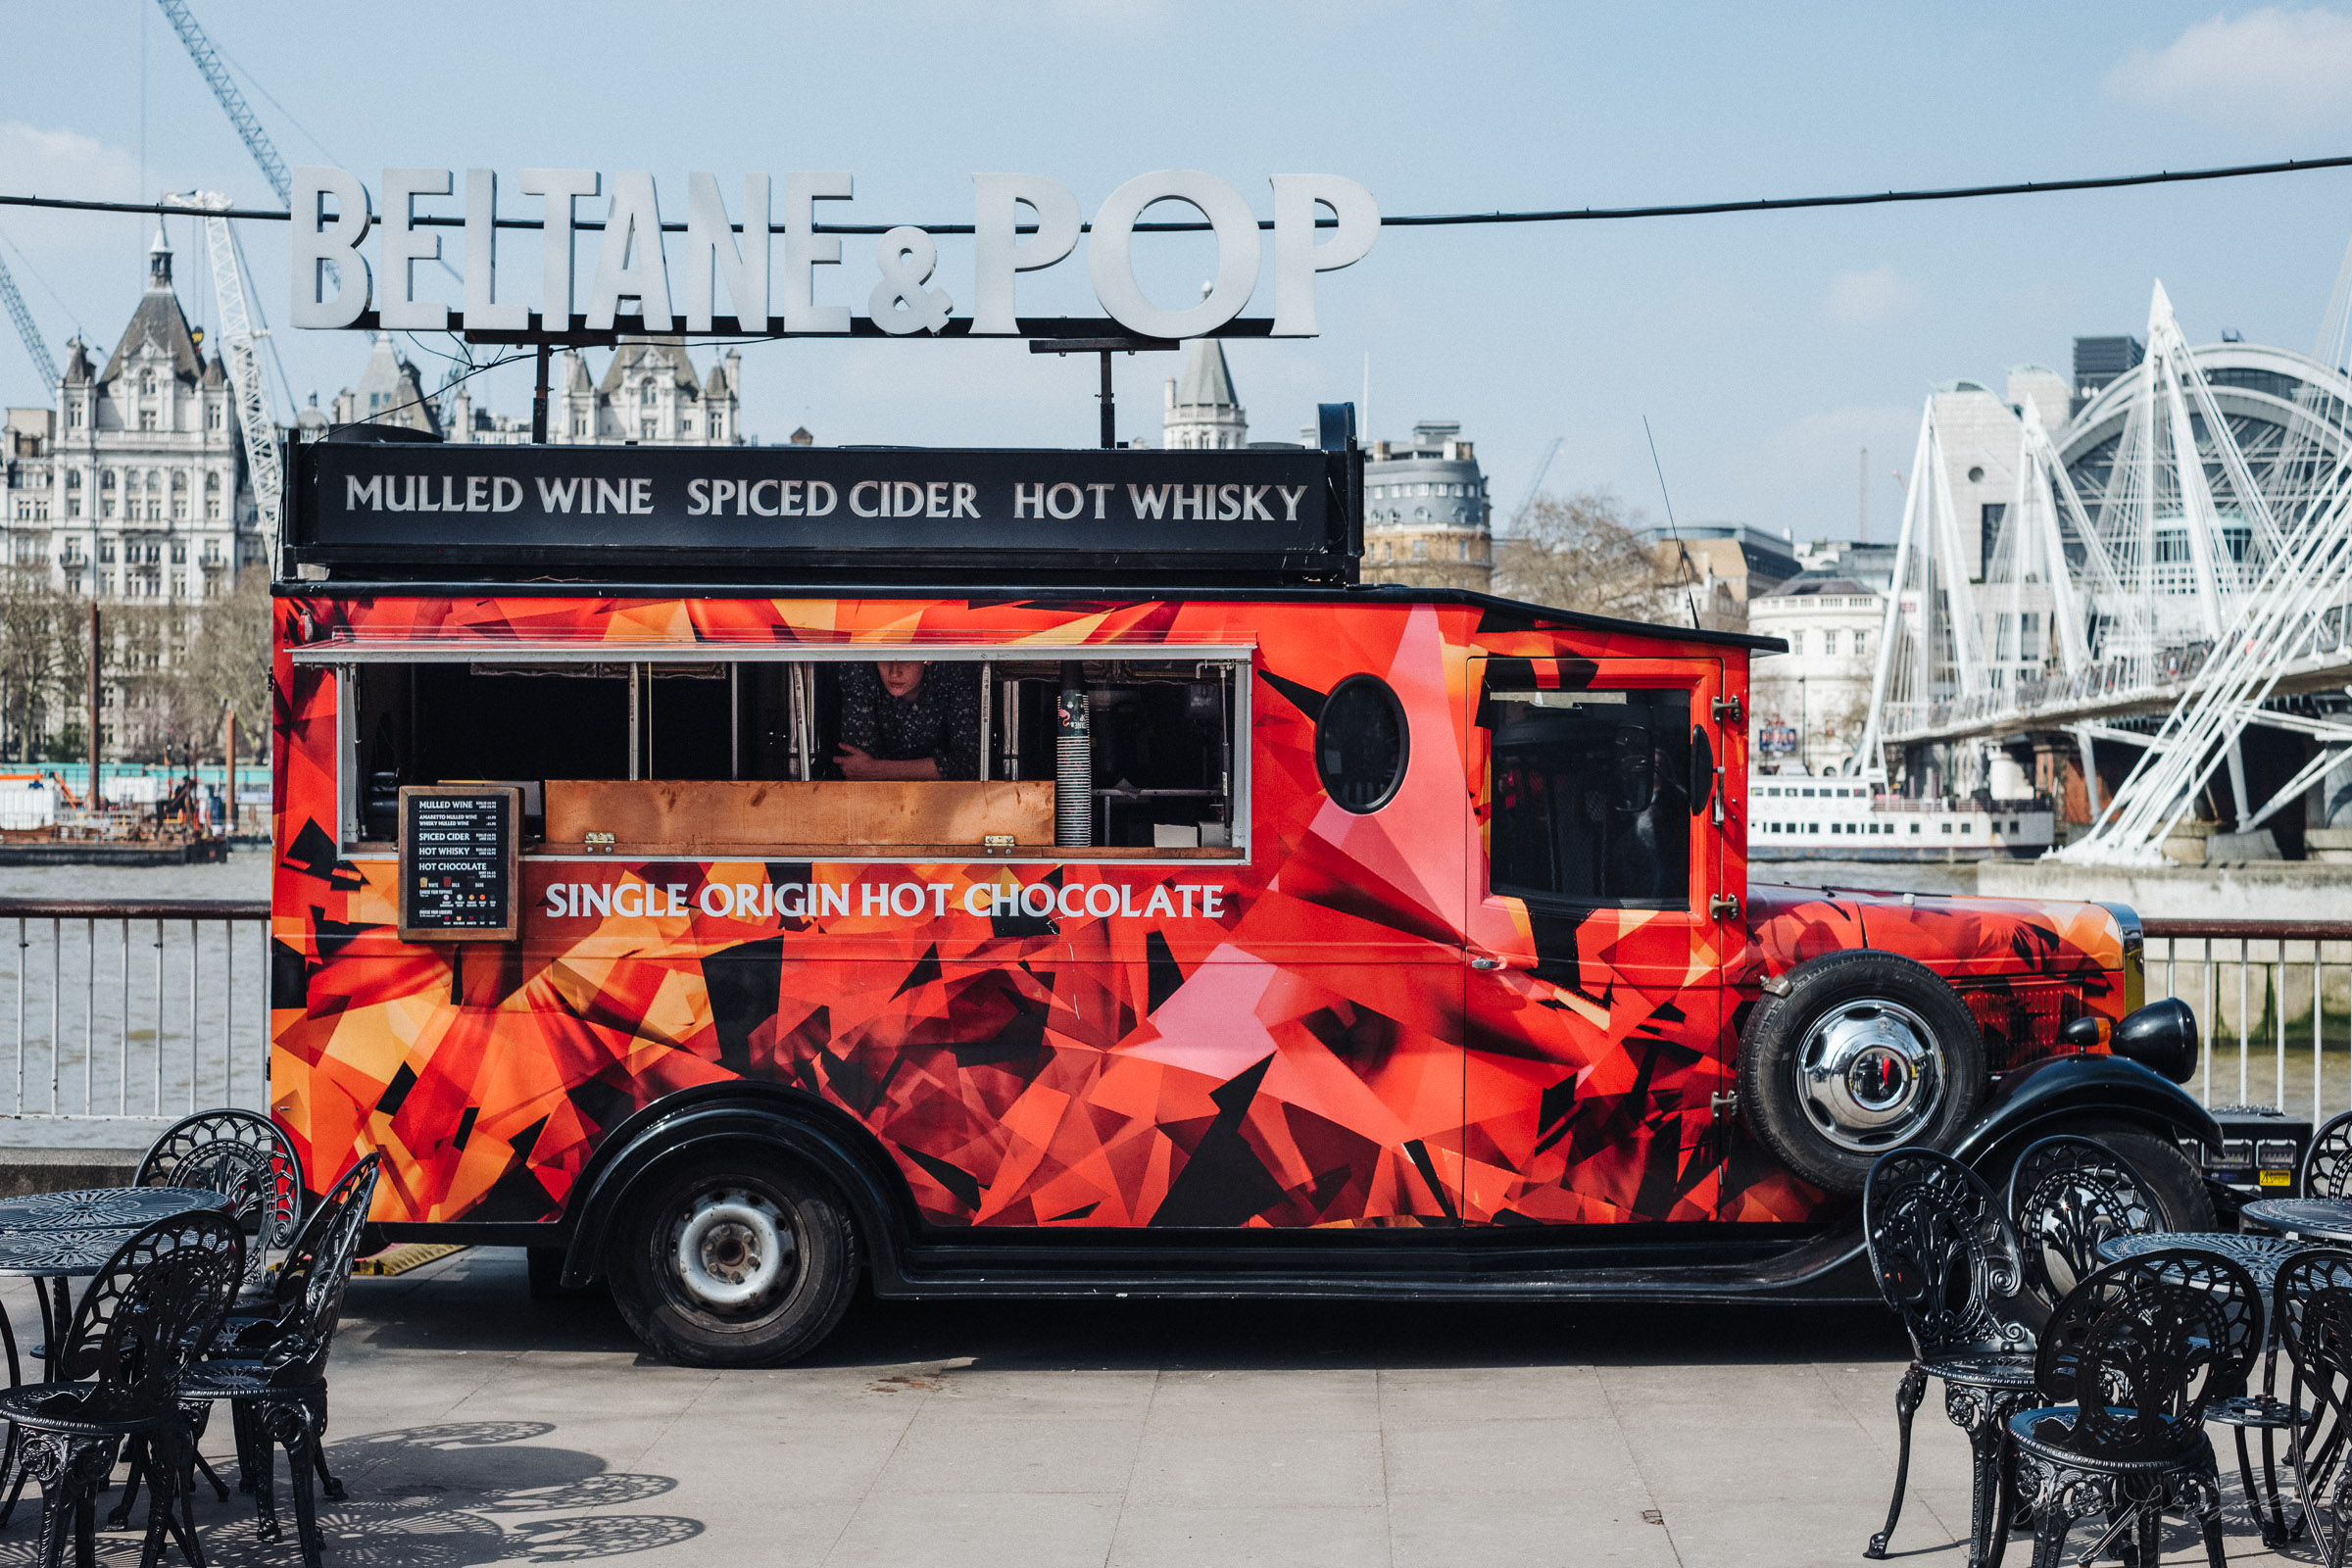 Food truck in London